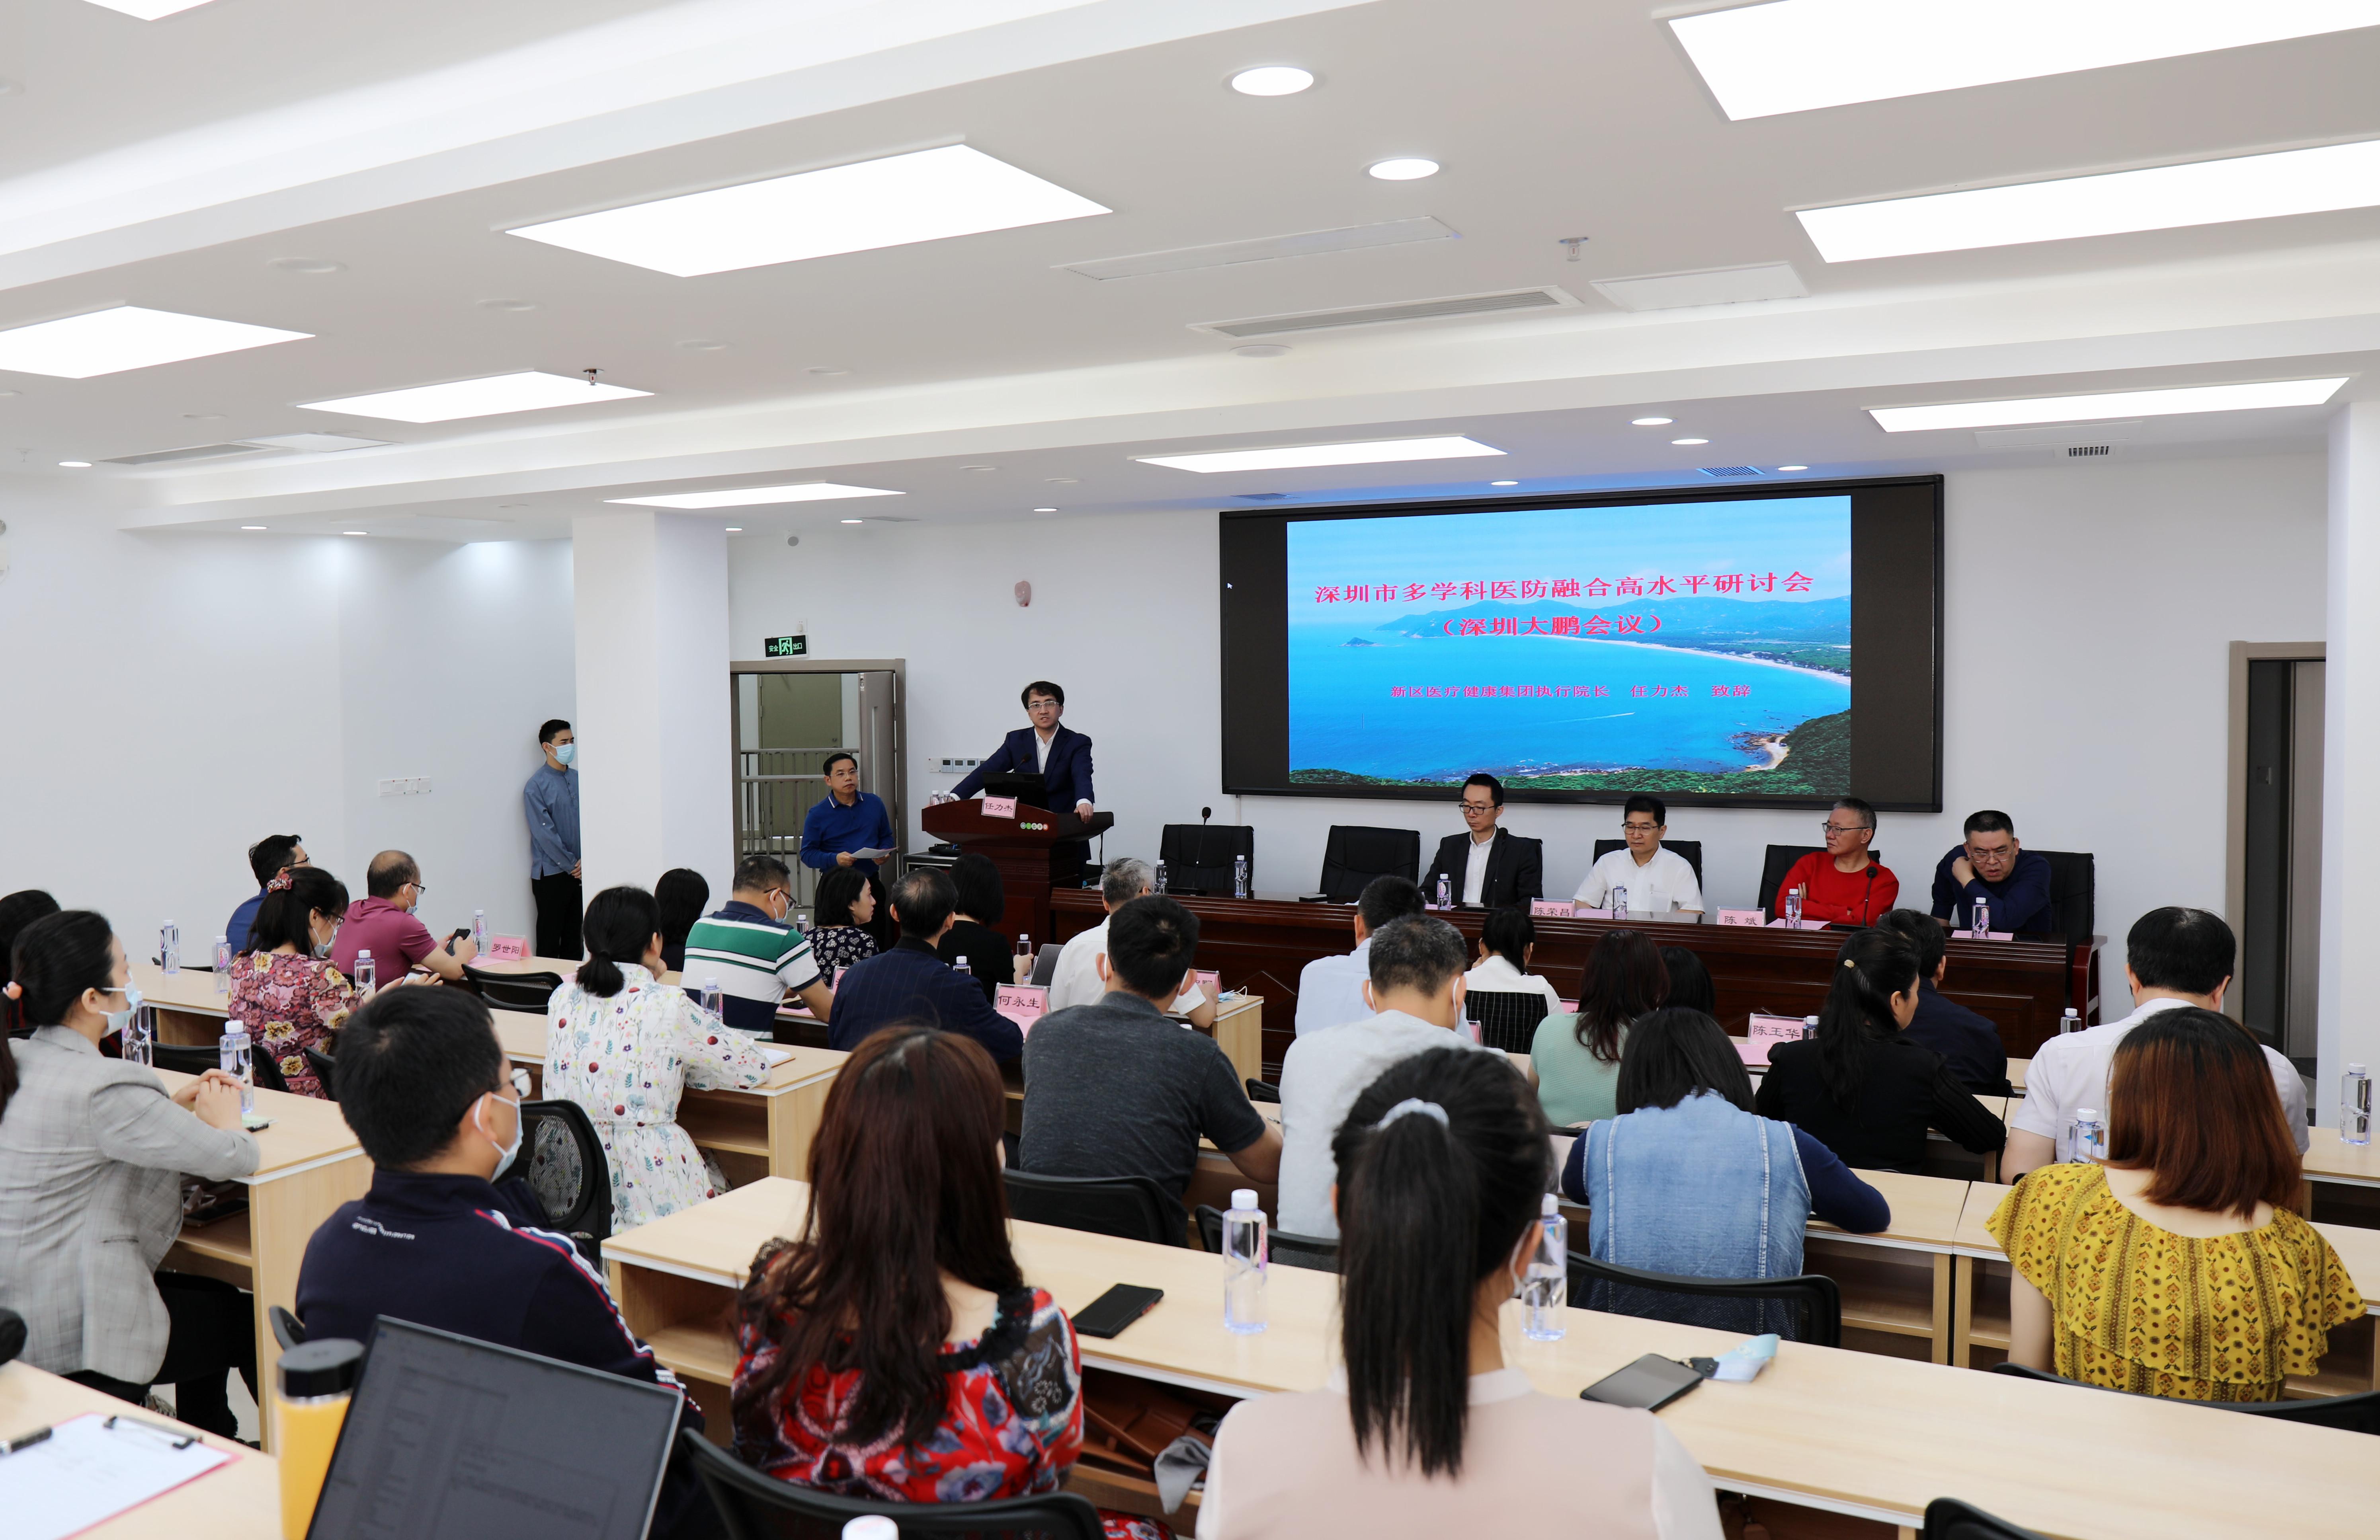 探索慢病管理新模式!深圳市多学科医防融合高水平研讨会在大鹏新区召开